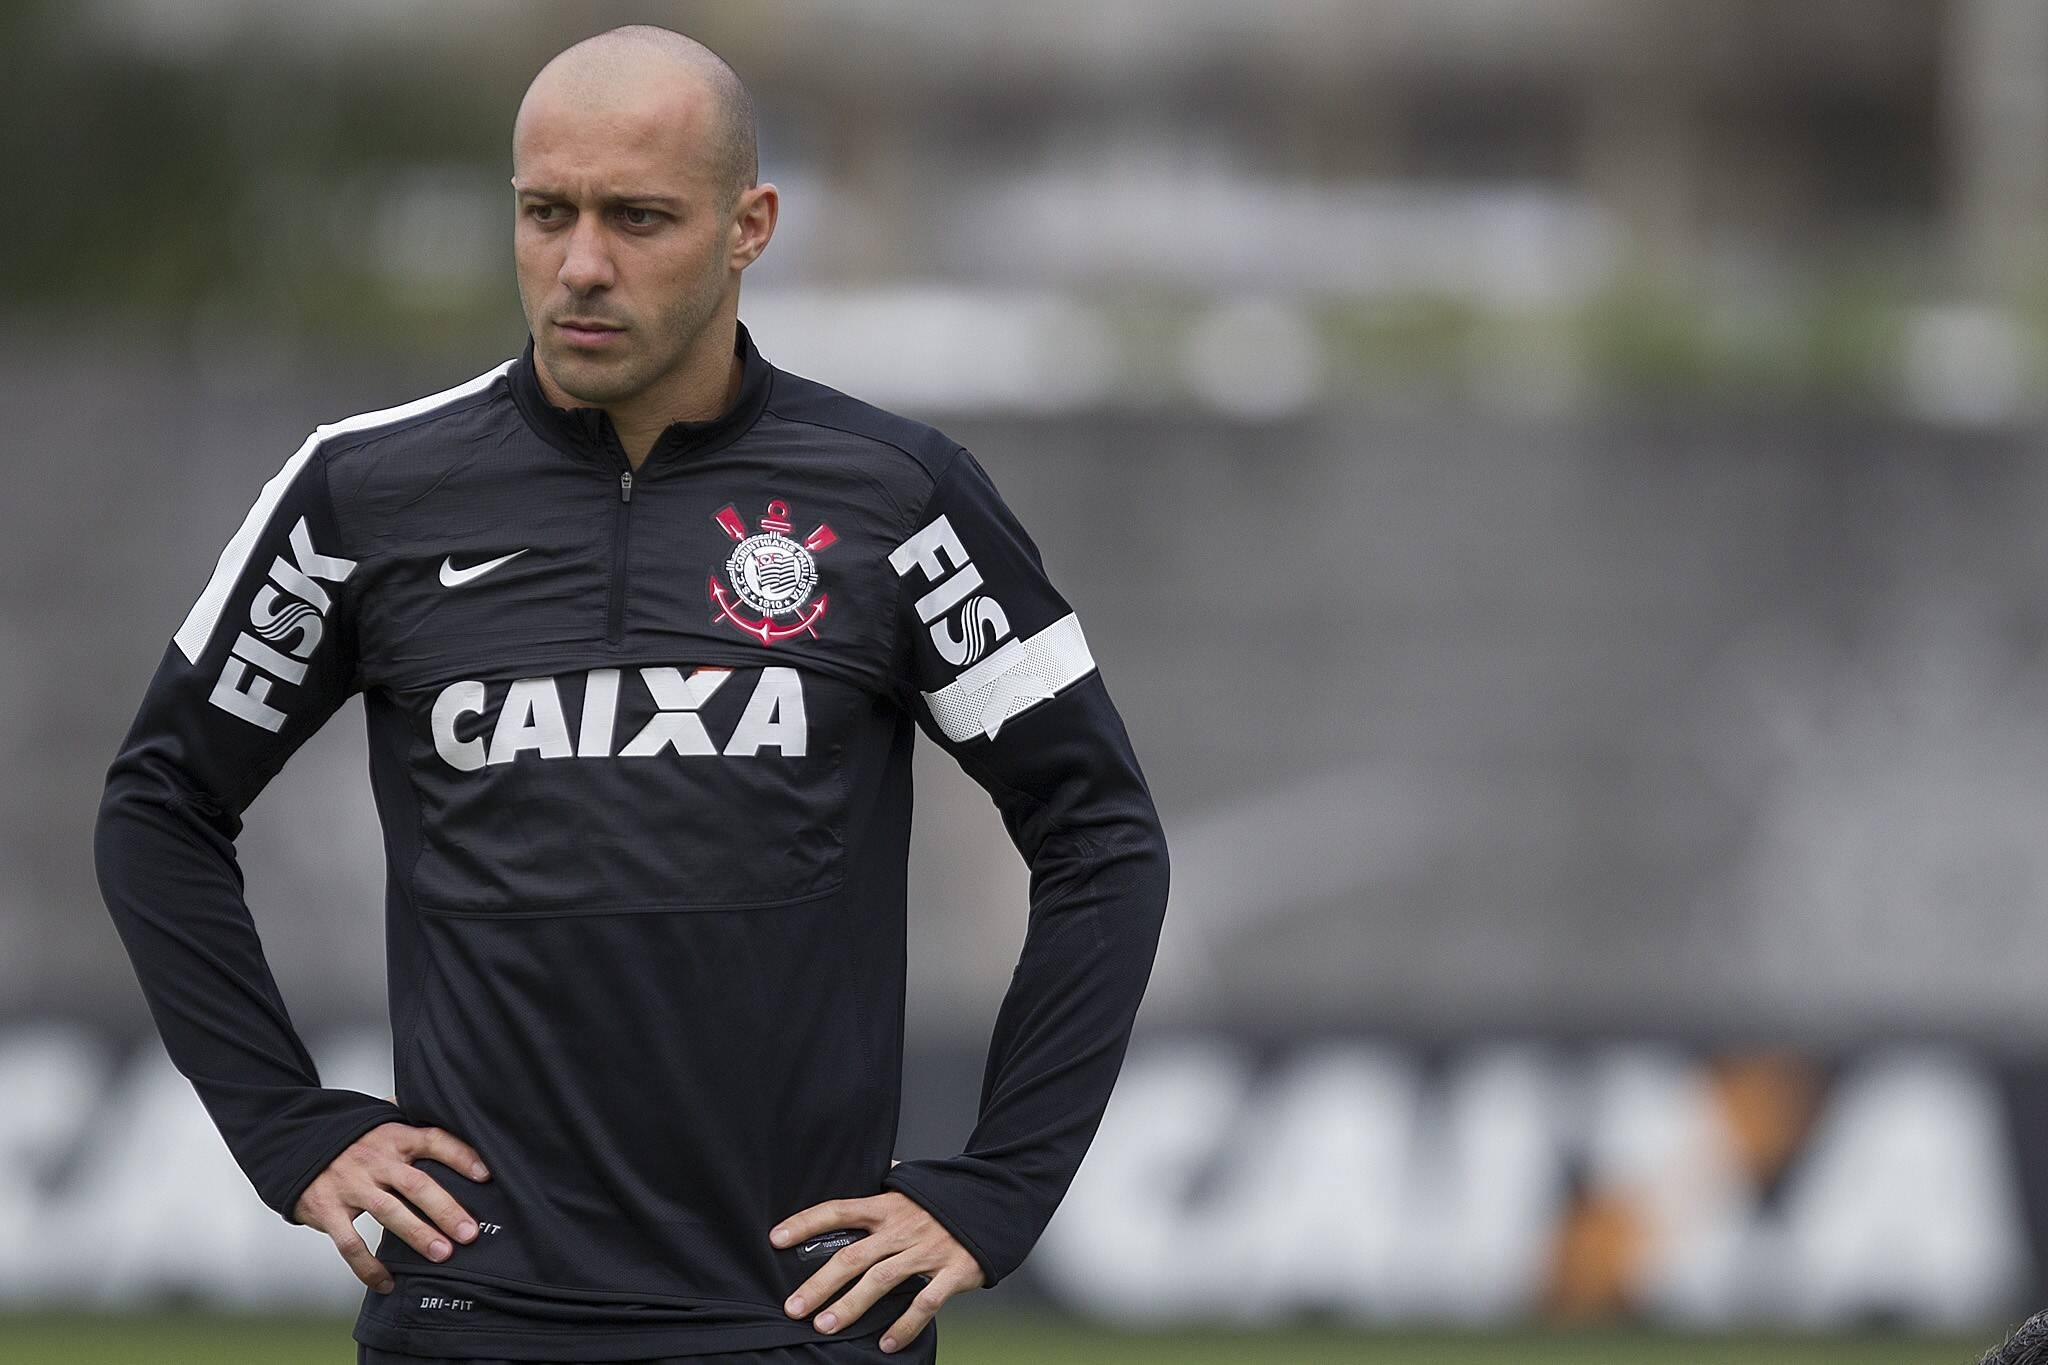 Foto: Daniel Augusto/Agência Corinthians